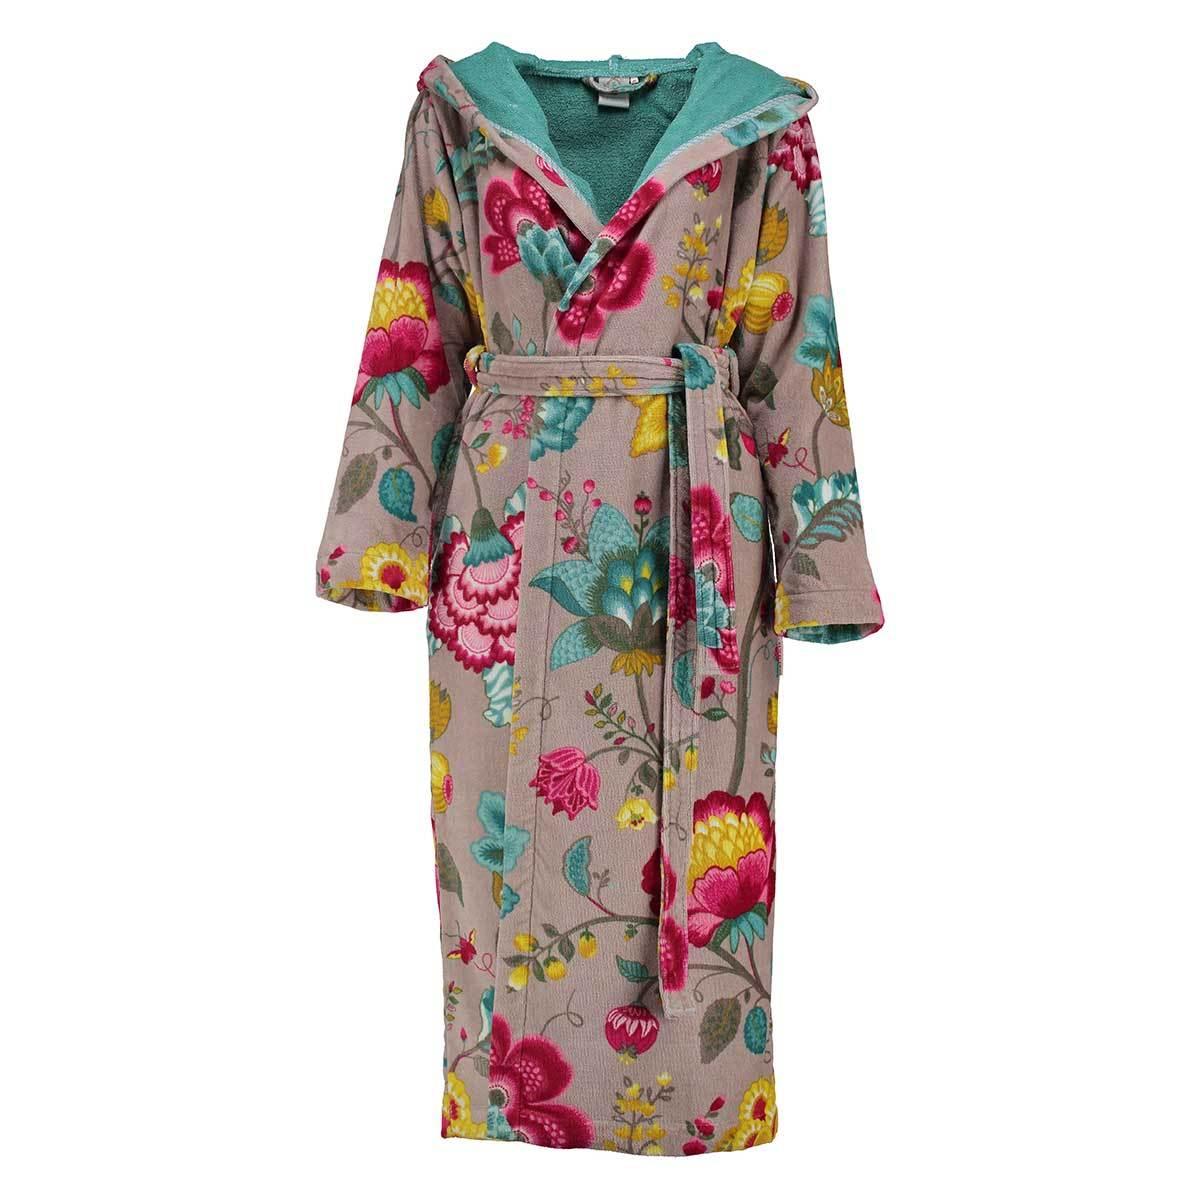 bea4ecd1b0845c PiP Studio Velours Bademantel Floral Fantasy khaki günstig online kaufen  bei Bettwaren Shop